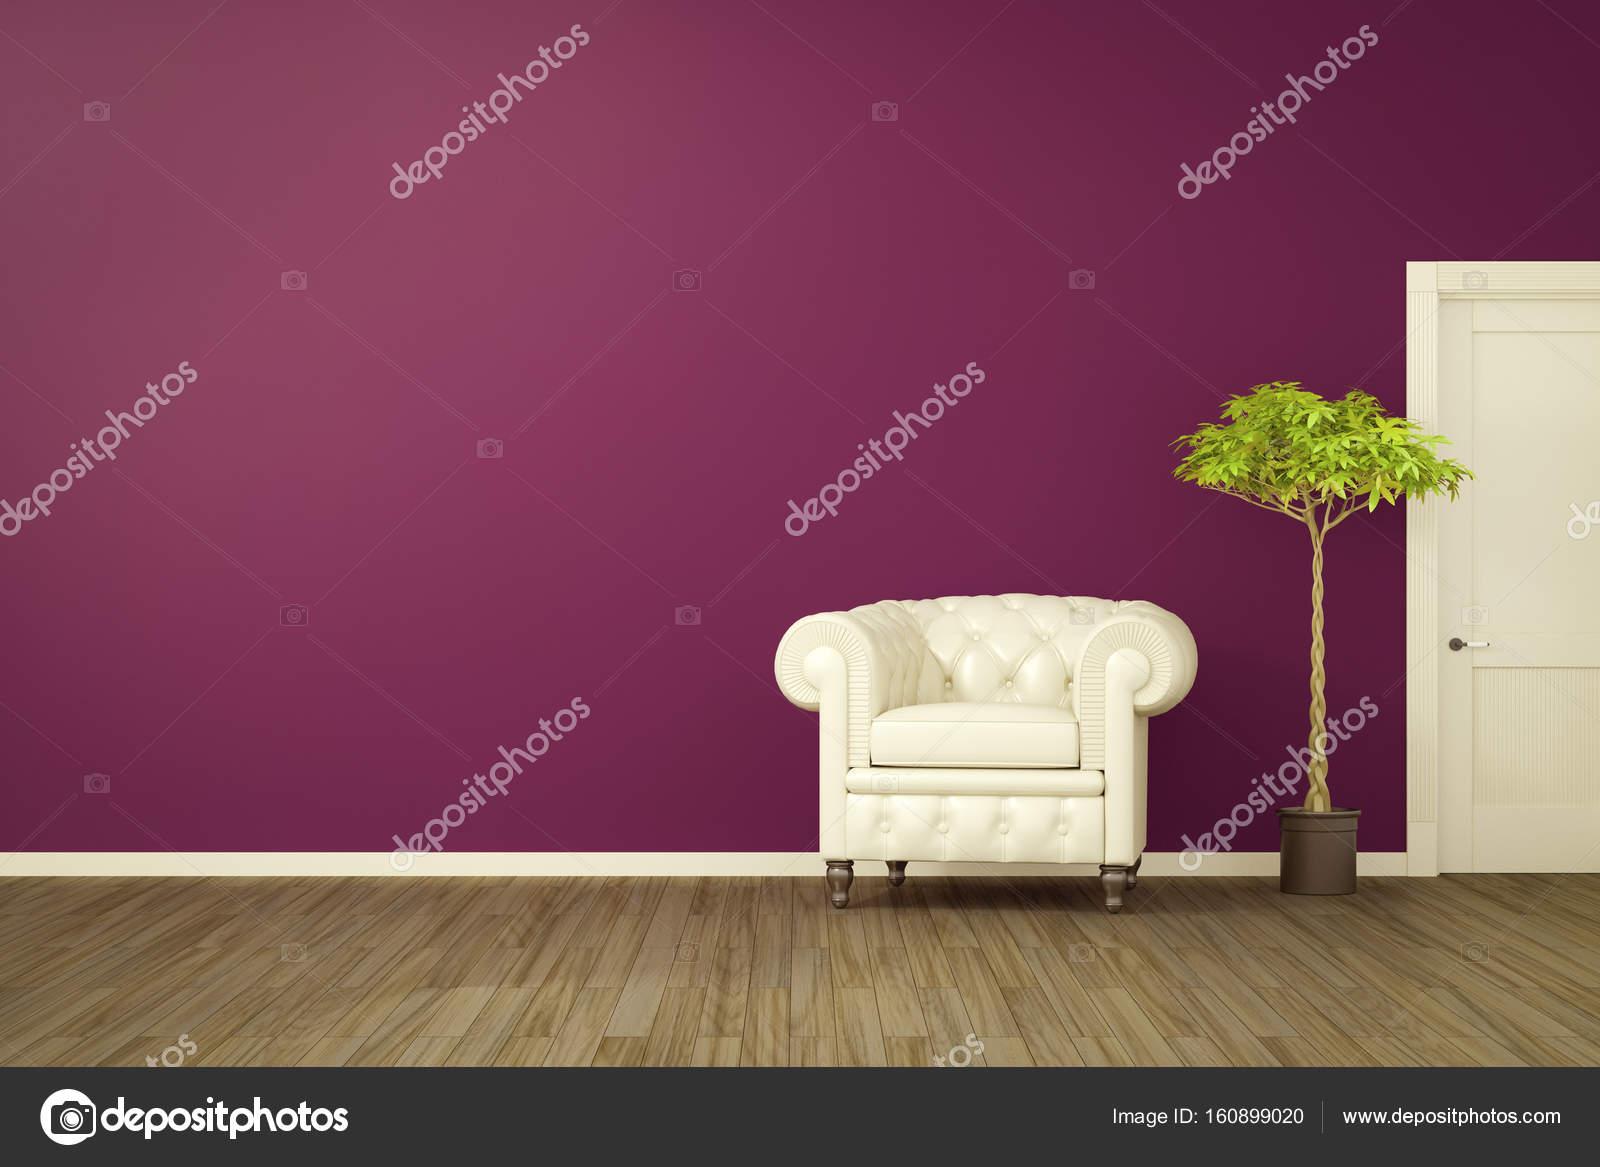 chambre mauve avec un fauteuil blanc photo